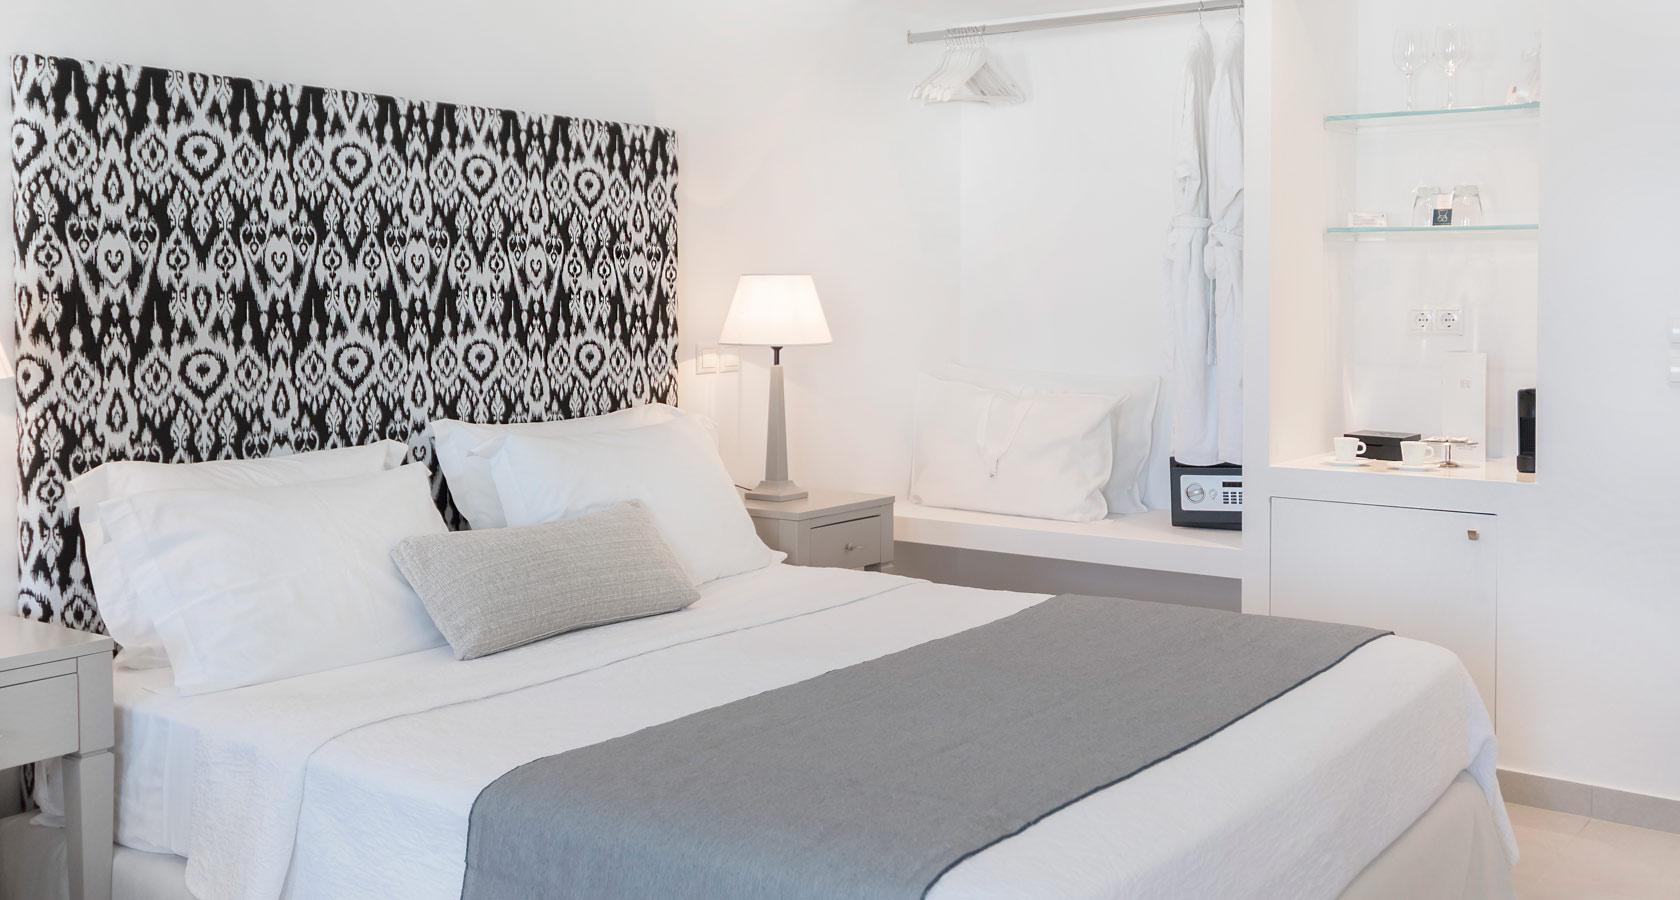 Superior Suites - Stelia Mare Hotel Naoussa Paros